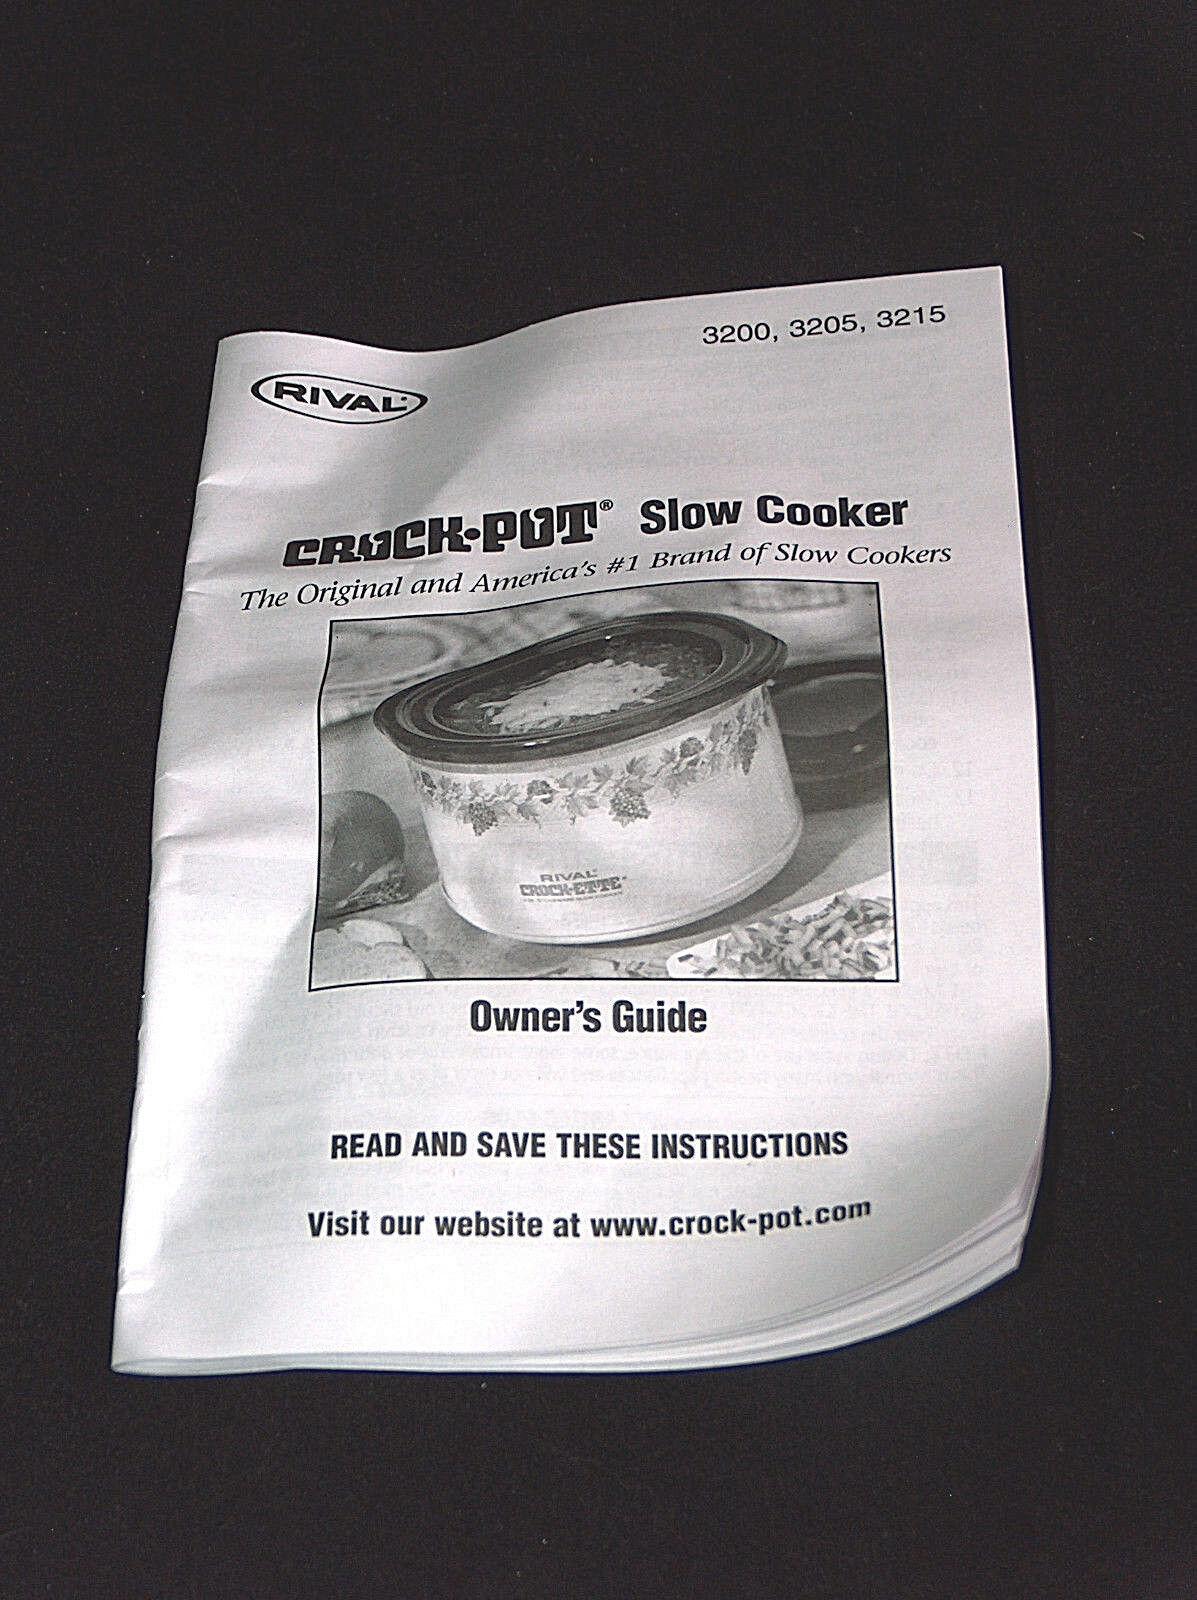 Rival 3215 1.5 QT Crock Pot Slow Cook Instruction Manuel Guide Anglais Espagnol